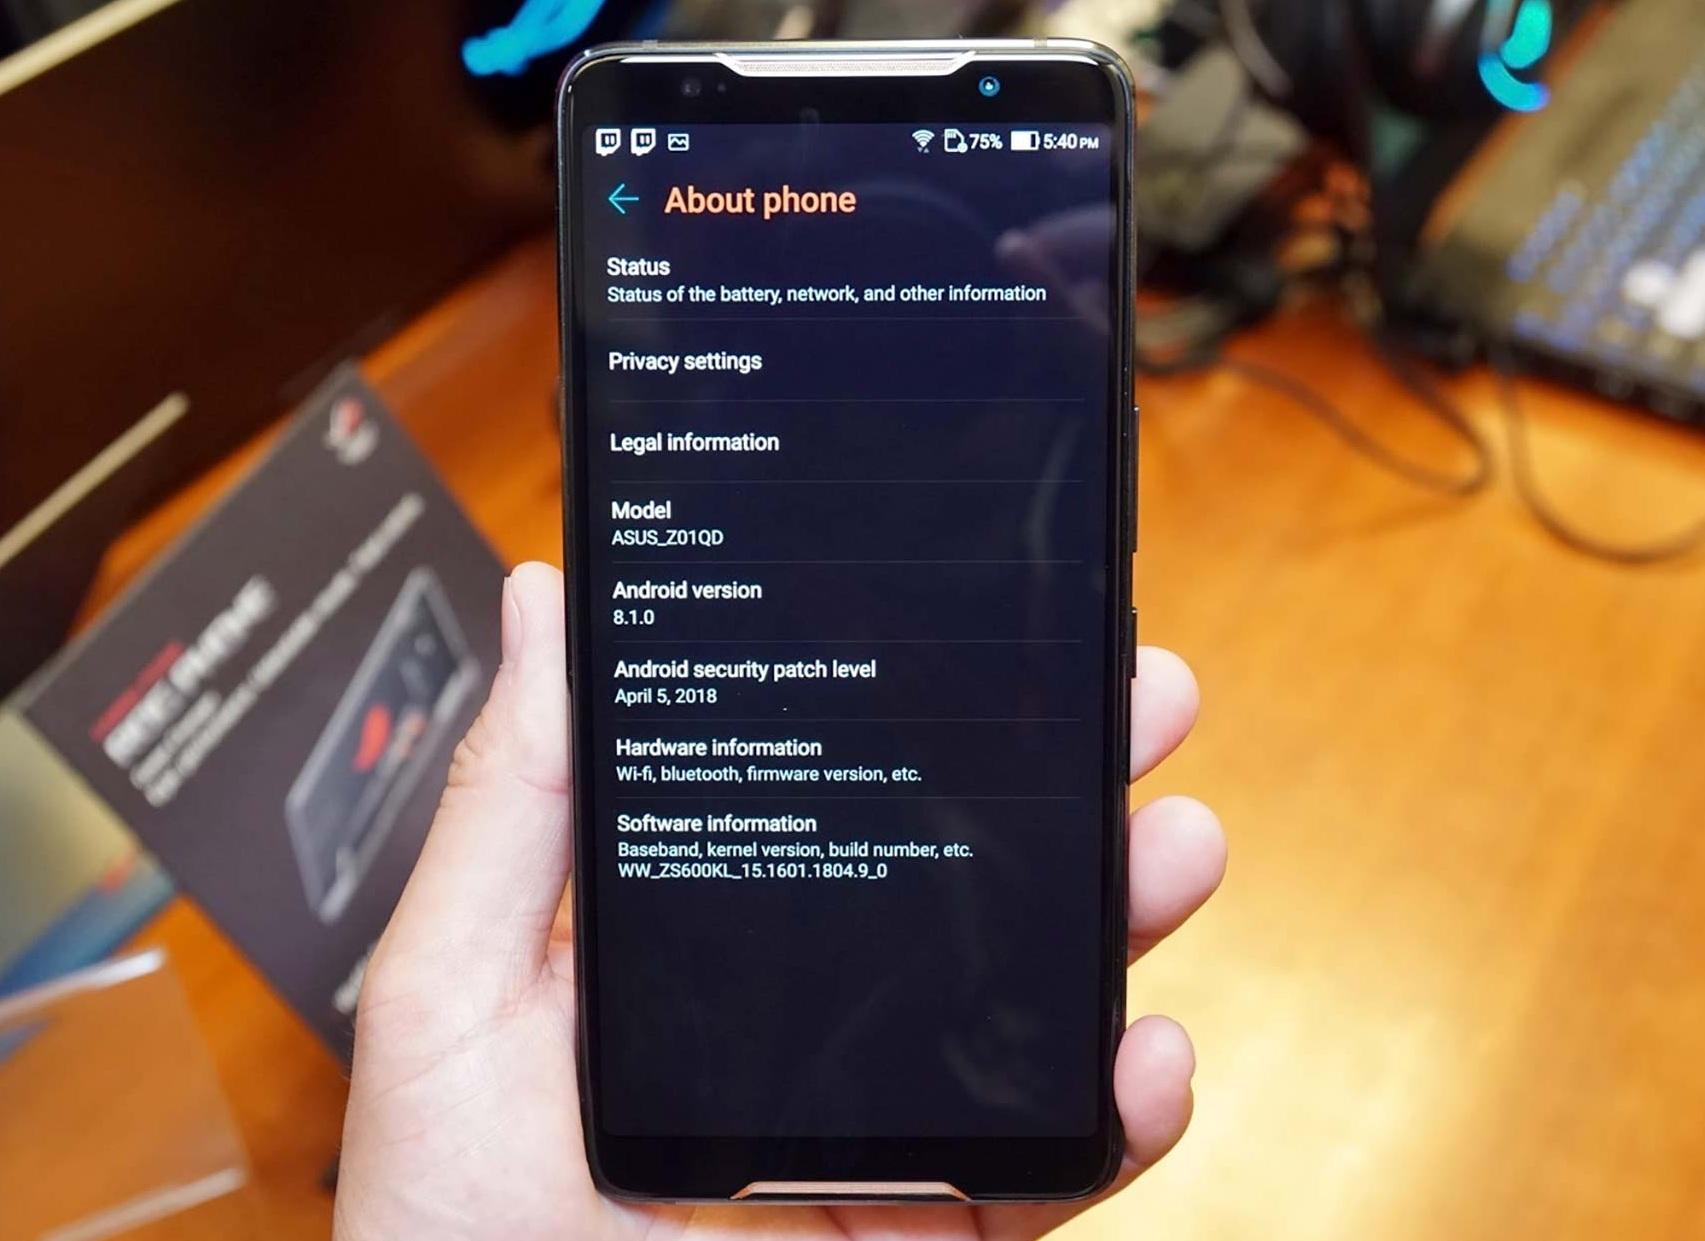 Rog Phone Gamingphone Toi Tan Vua Doc Vua La Cua Asus 10